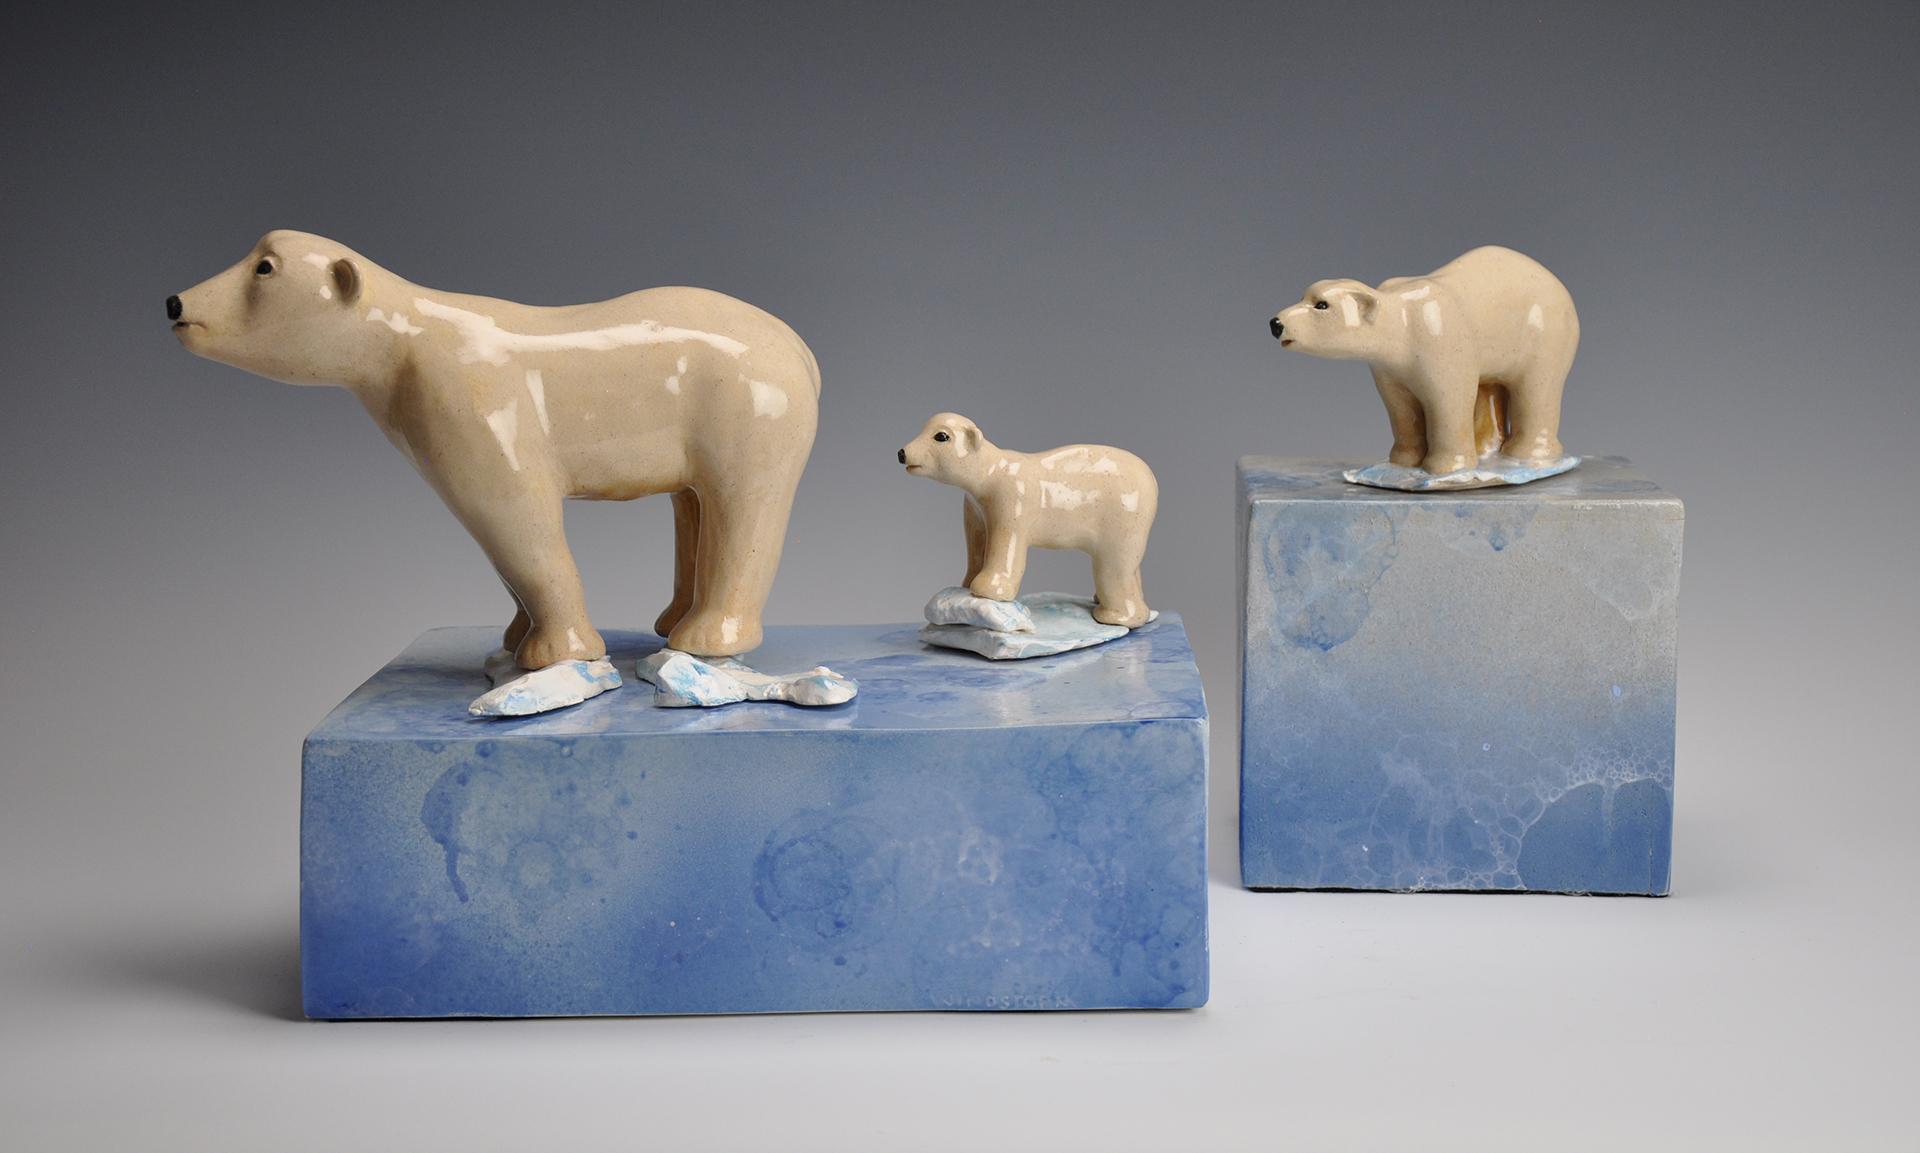 Artic Melt